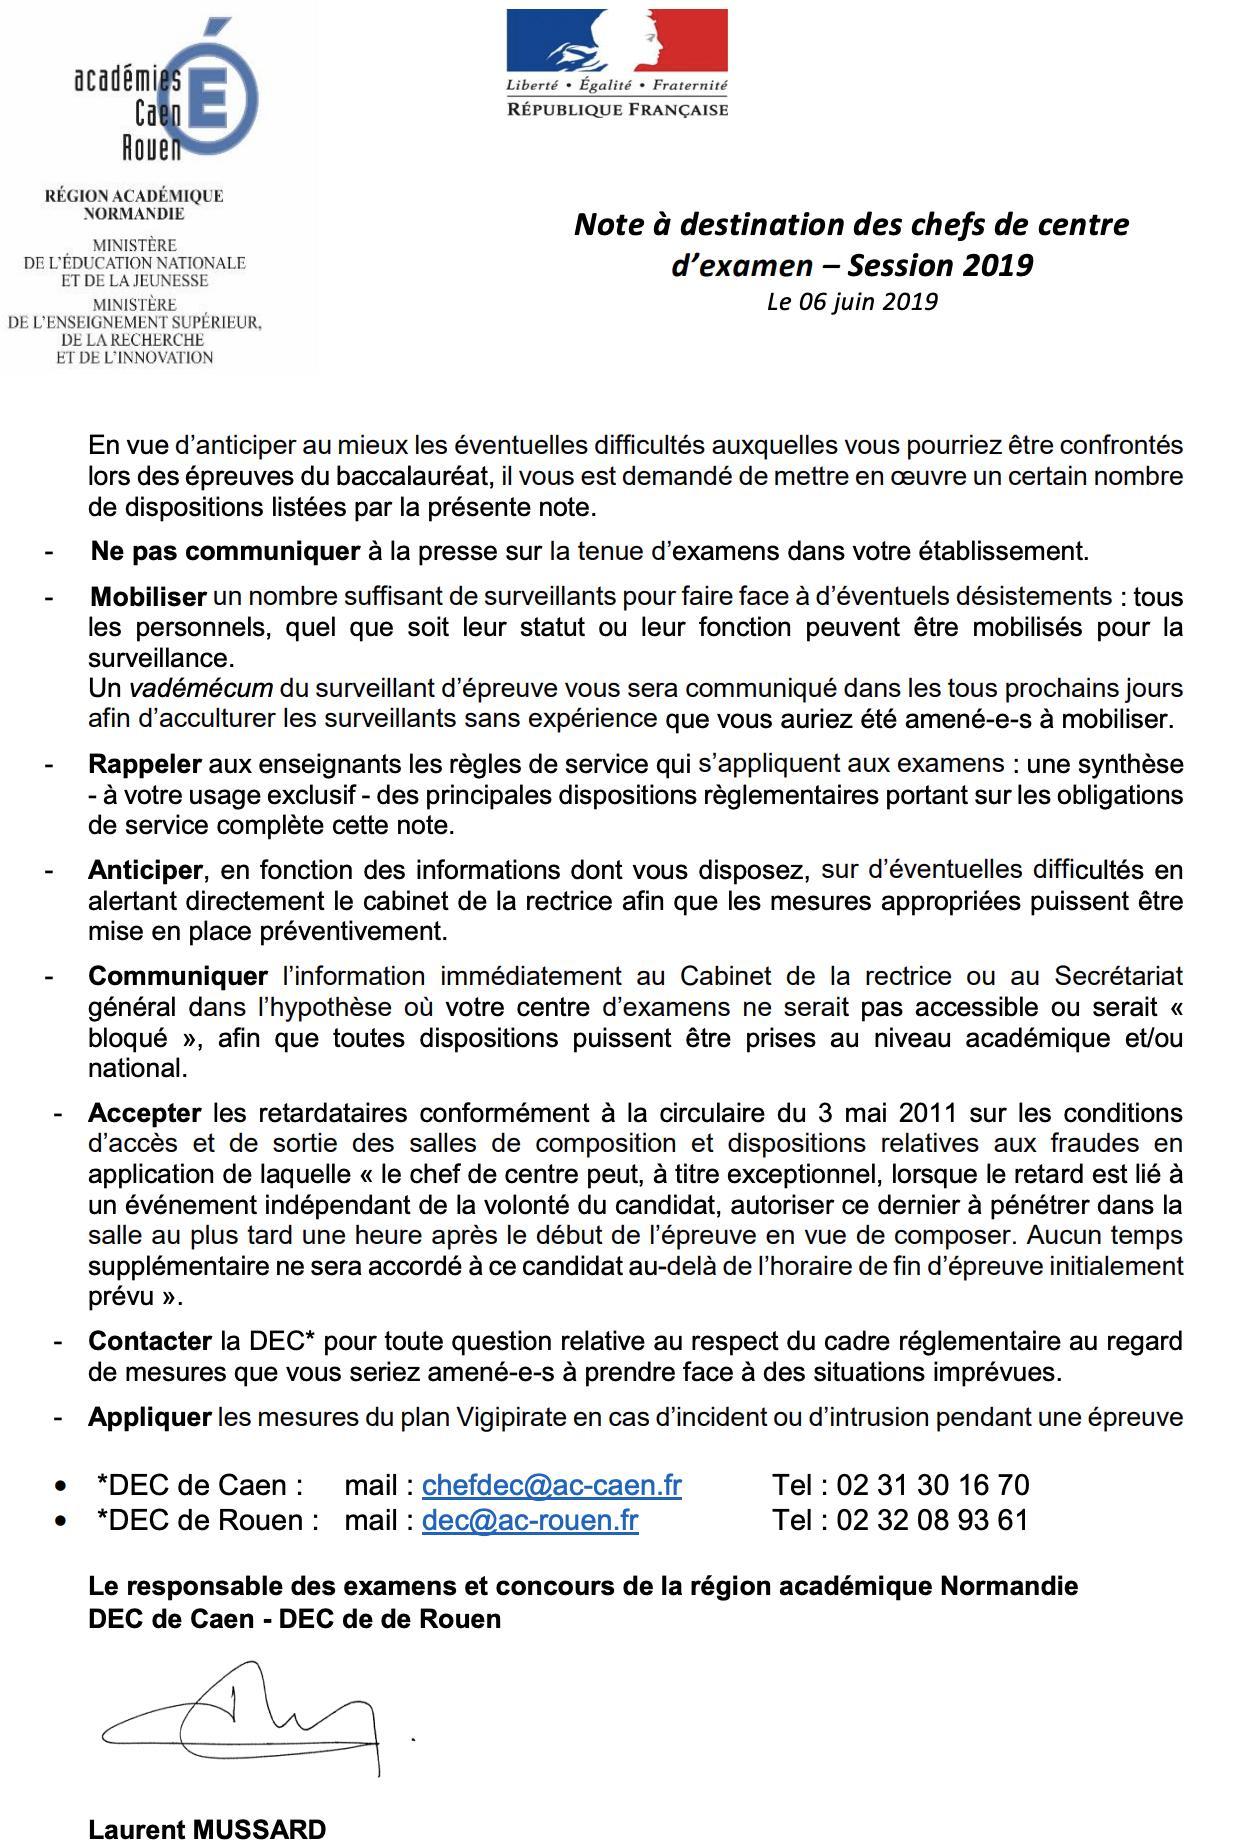 [Le Monde] des enseignants agitent la menace d'une « grève de la surveillance » - Page 18 D8sZjmmWkAUlGD5?format=jpg&name=large